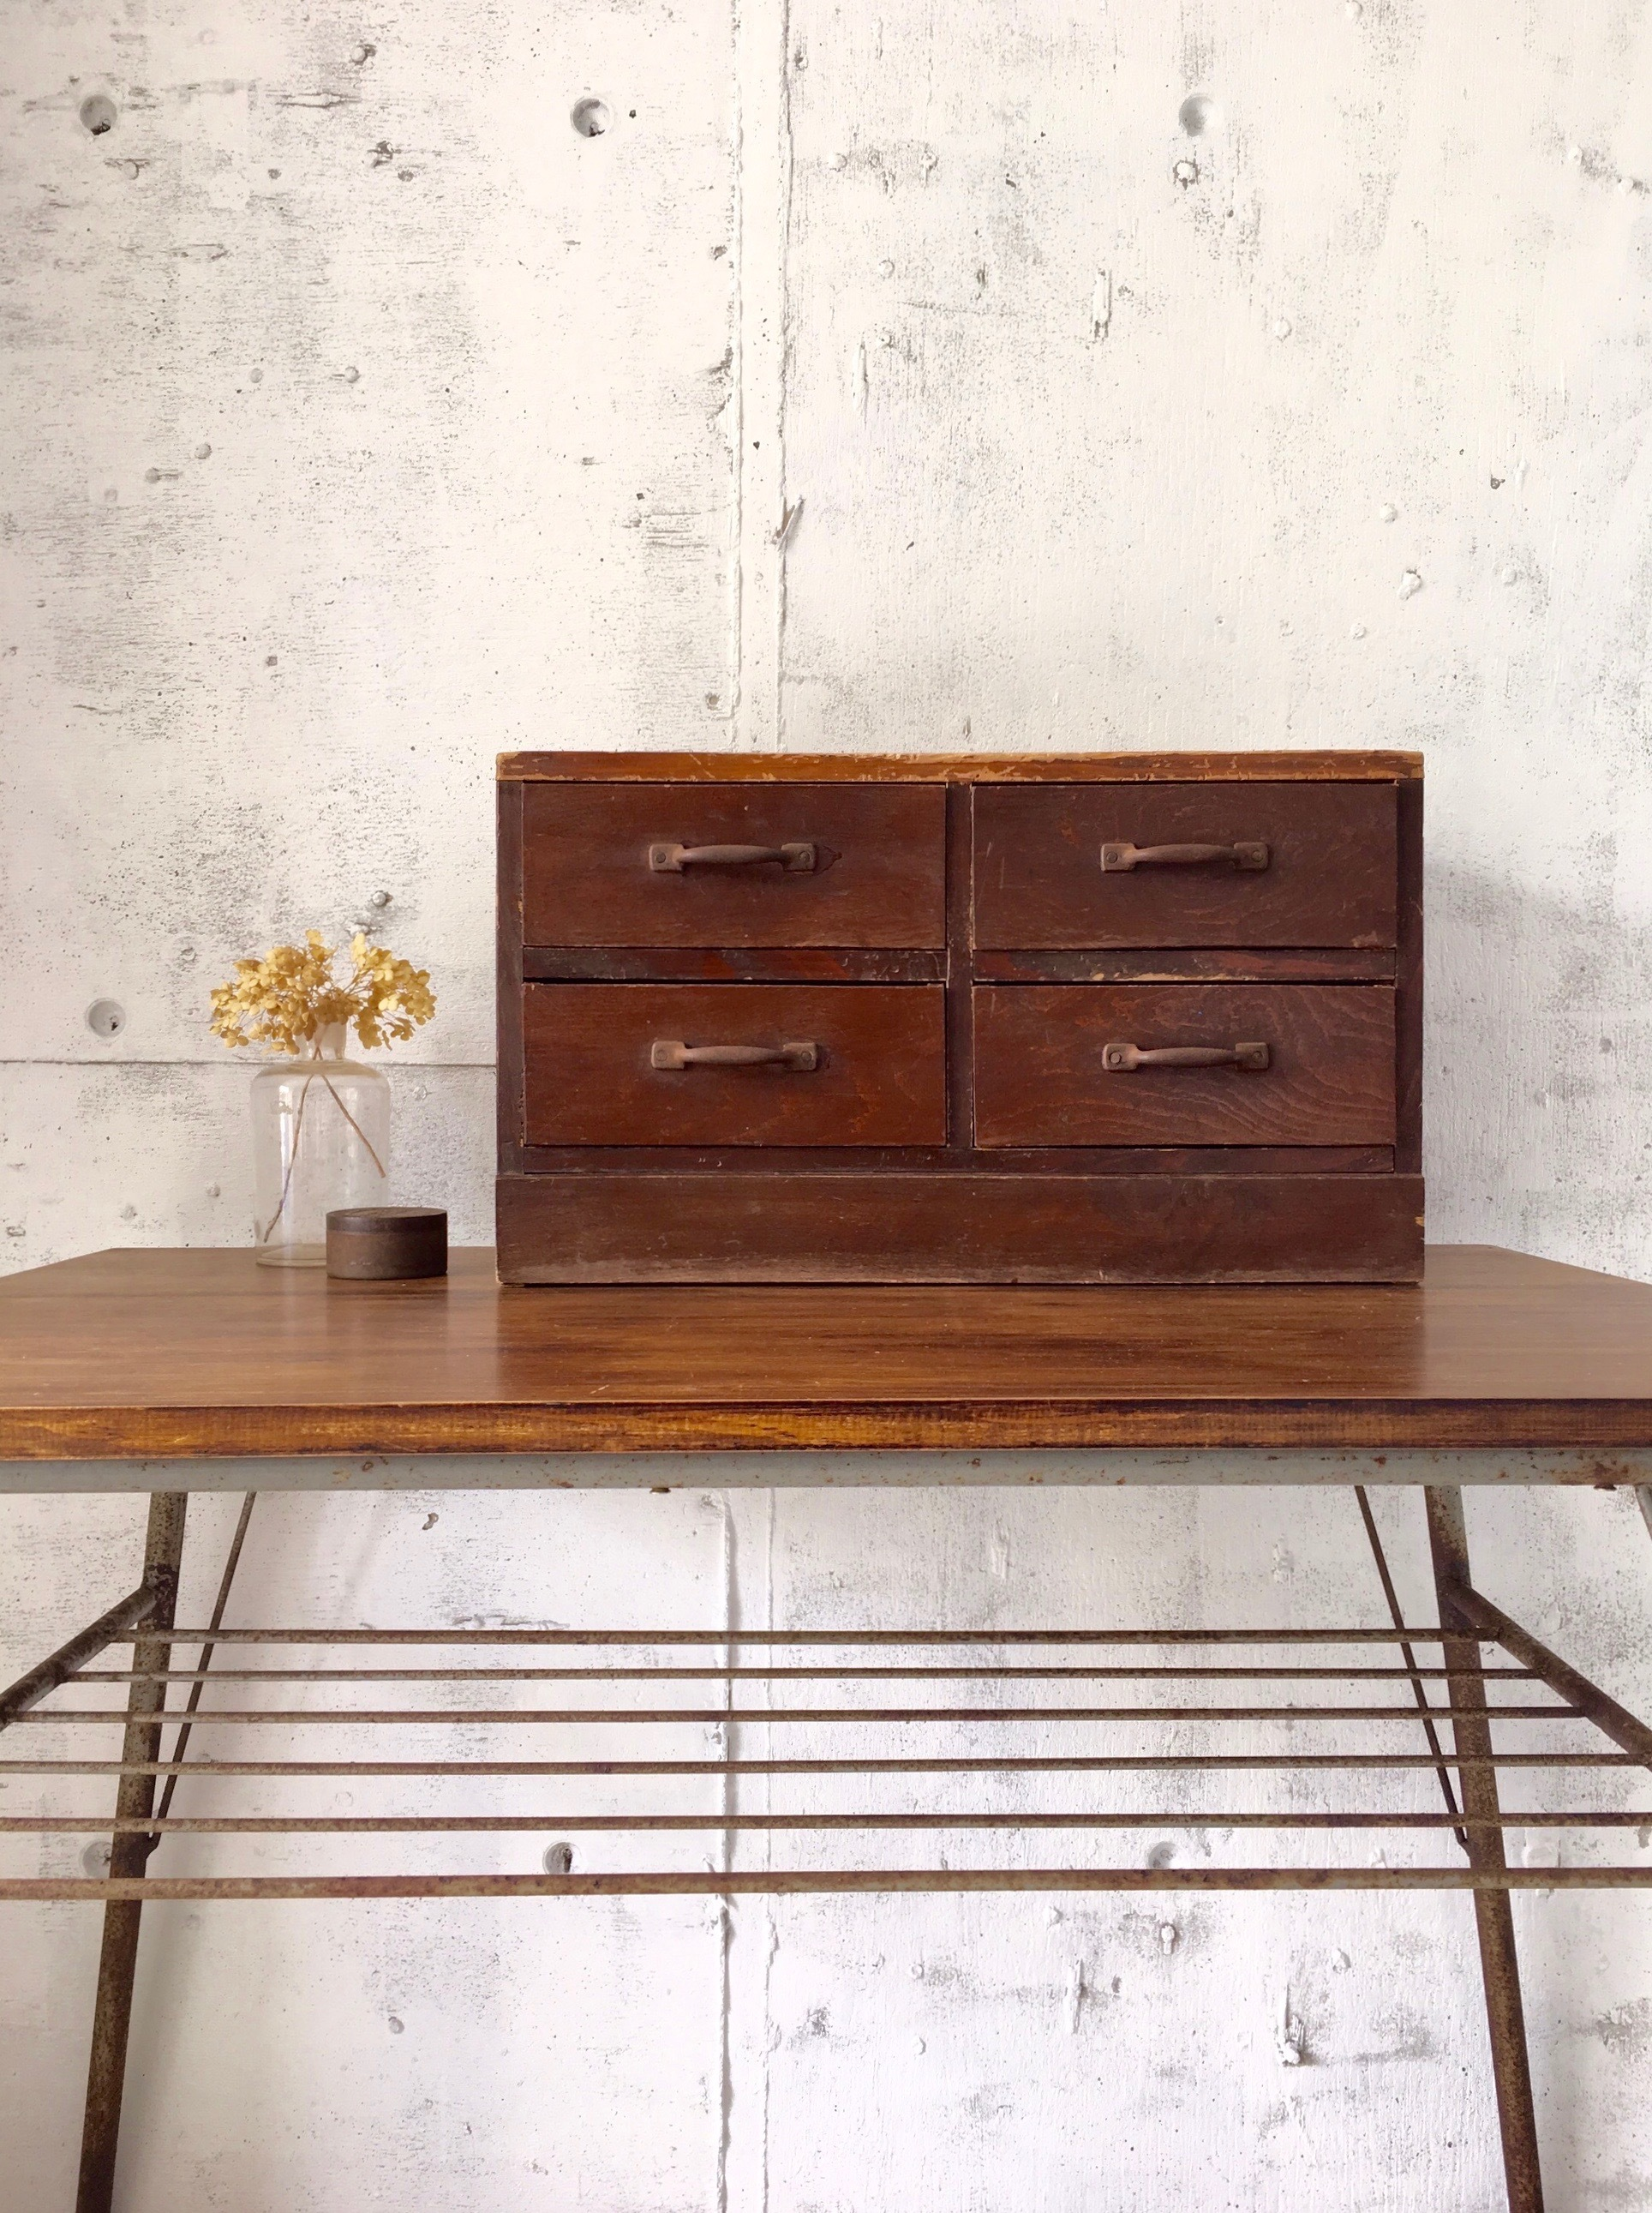 横長い木味の収納棚[古家具]